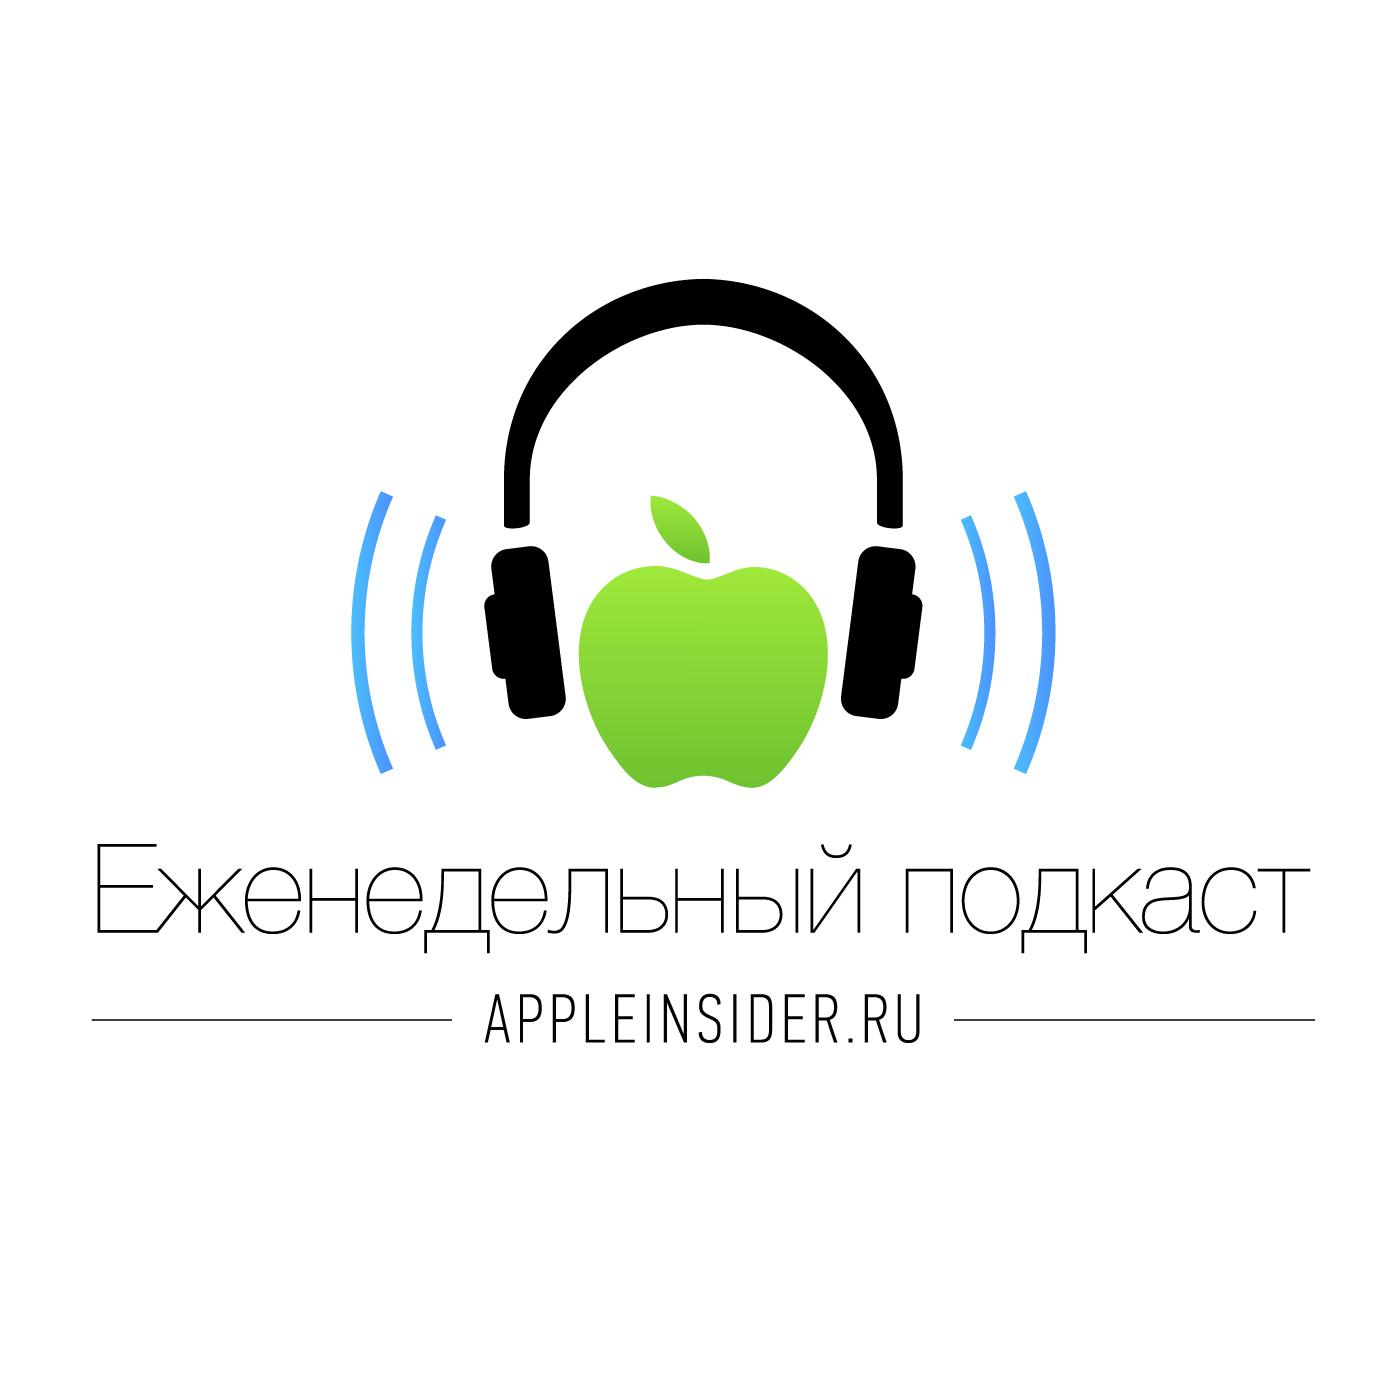 Миша Королев iOS 10: все, о чем Apple не сказала на презентации миша королев что нового в шестой бета версии ios 10